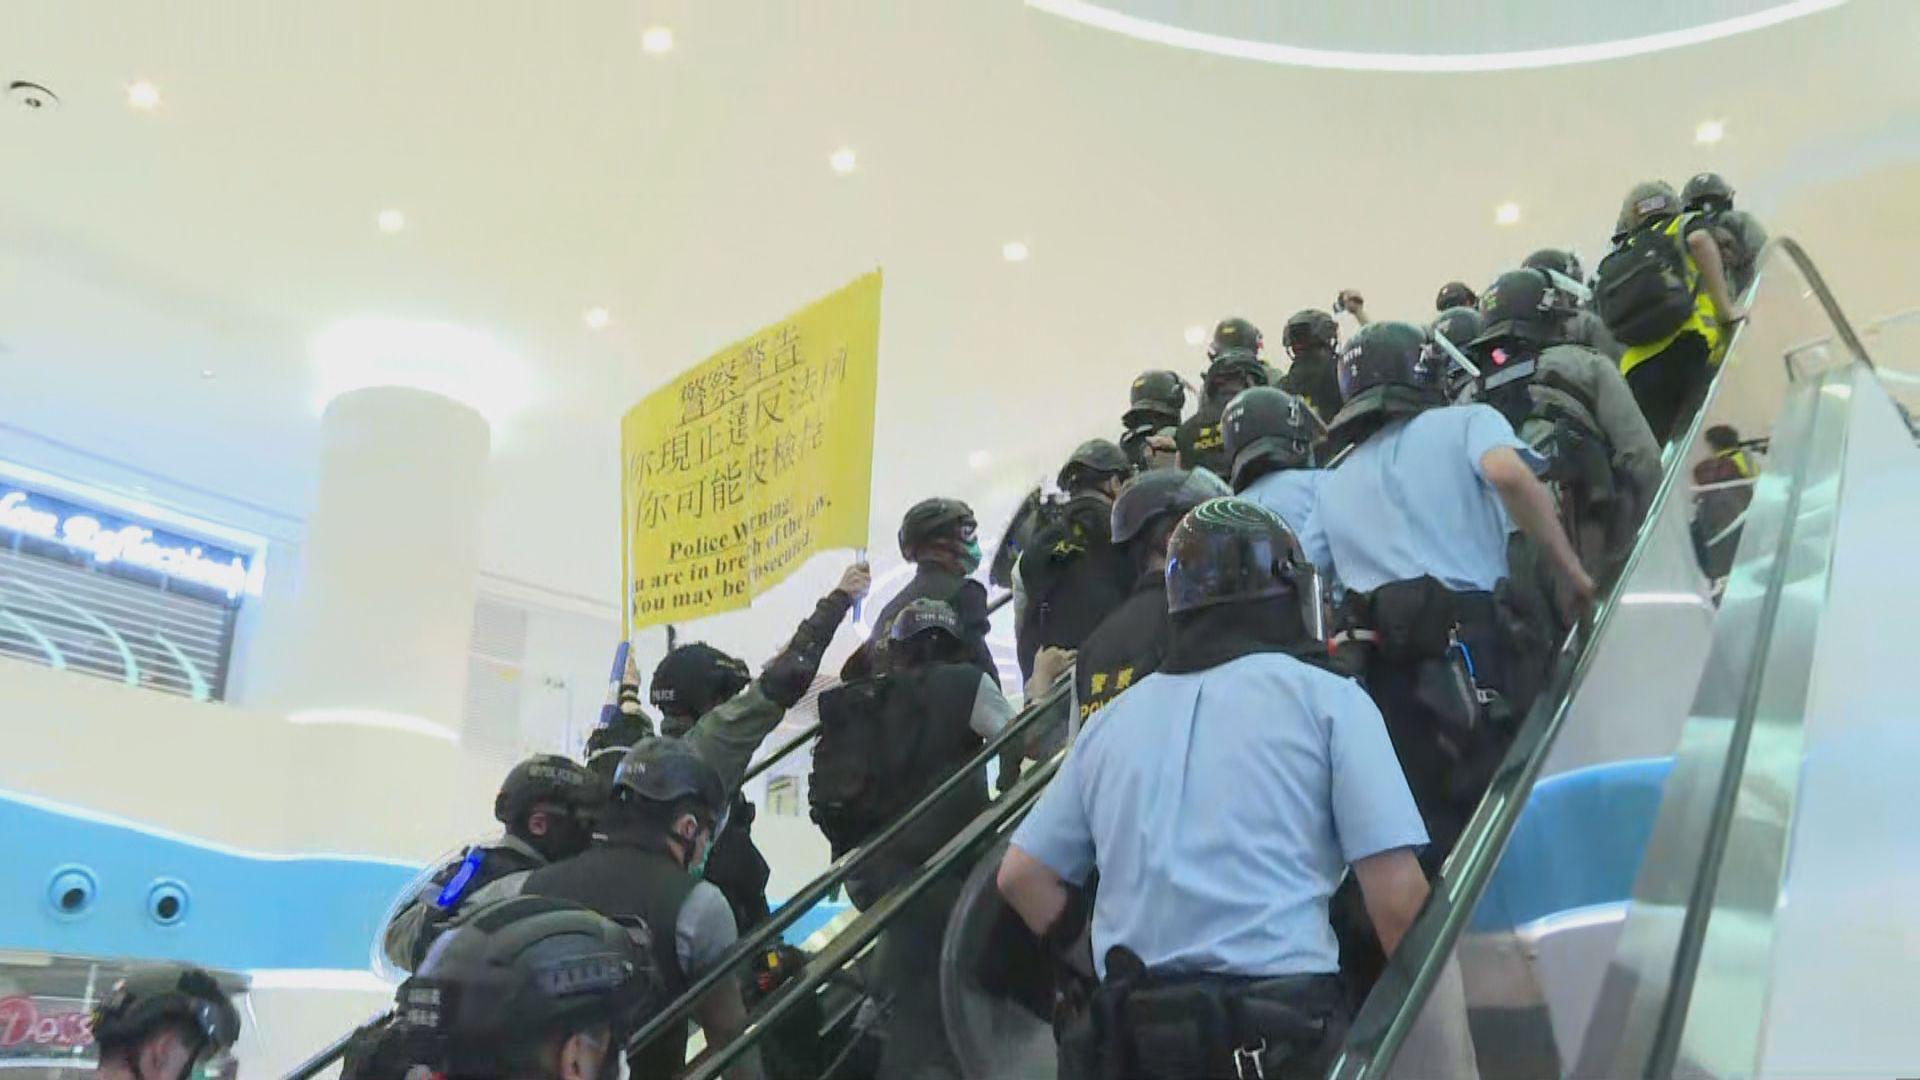 上周三天水圍和你唱 三名男子涉非法集結及襲擊被捕